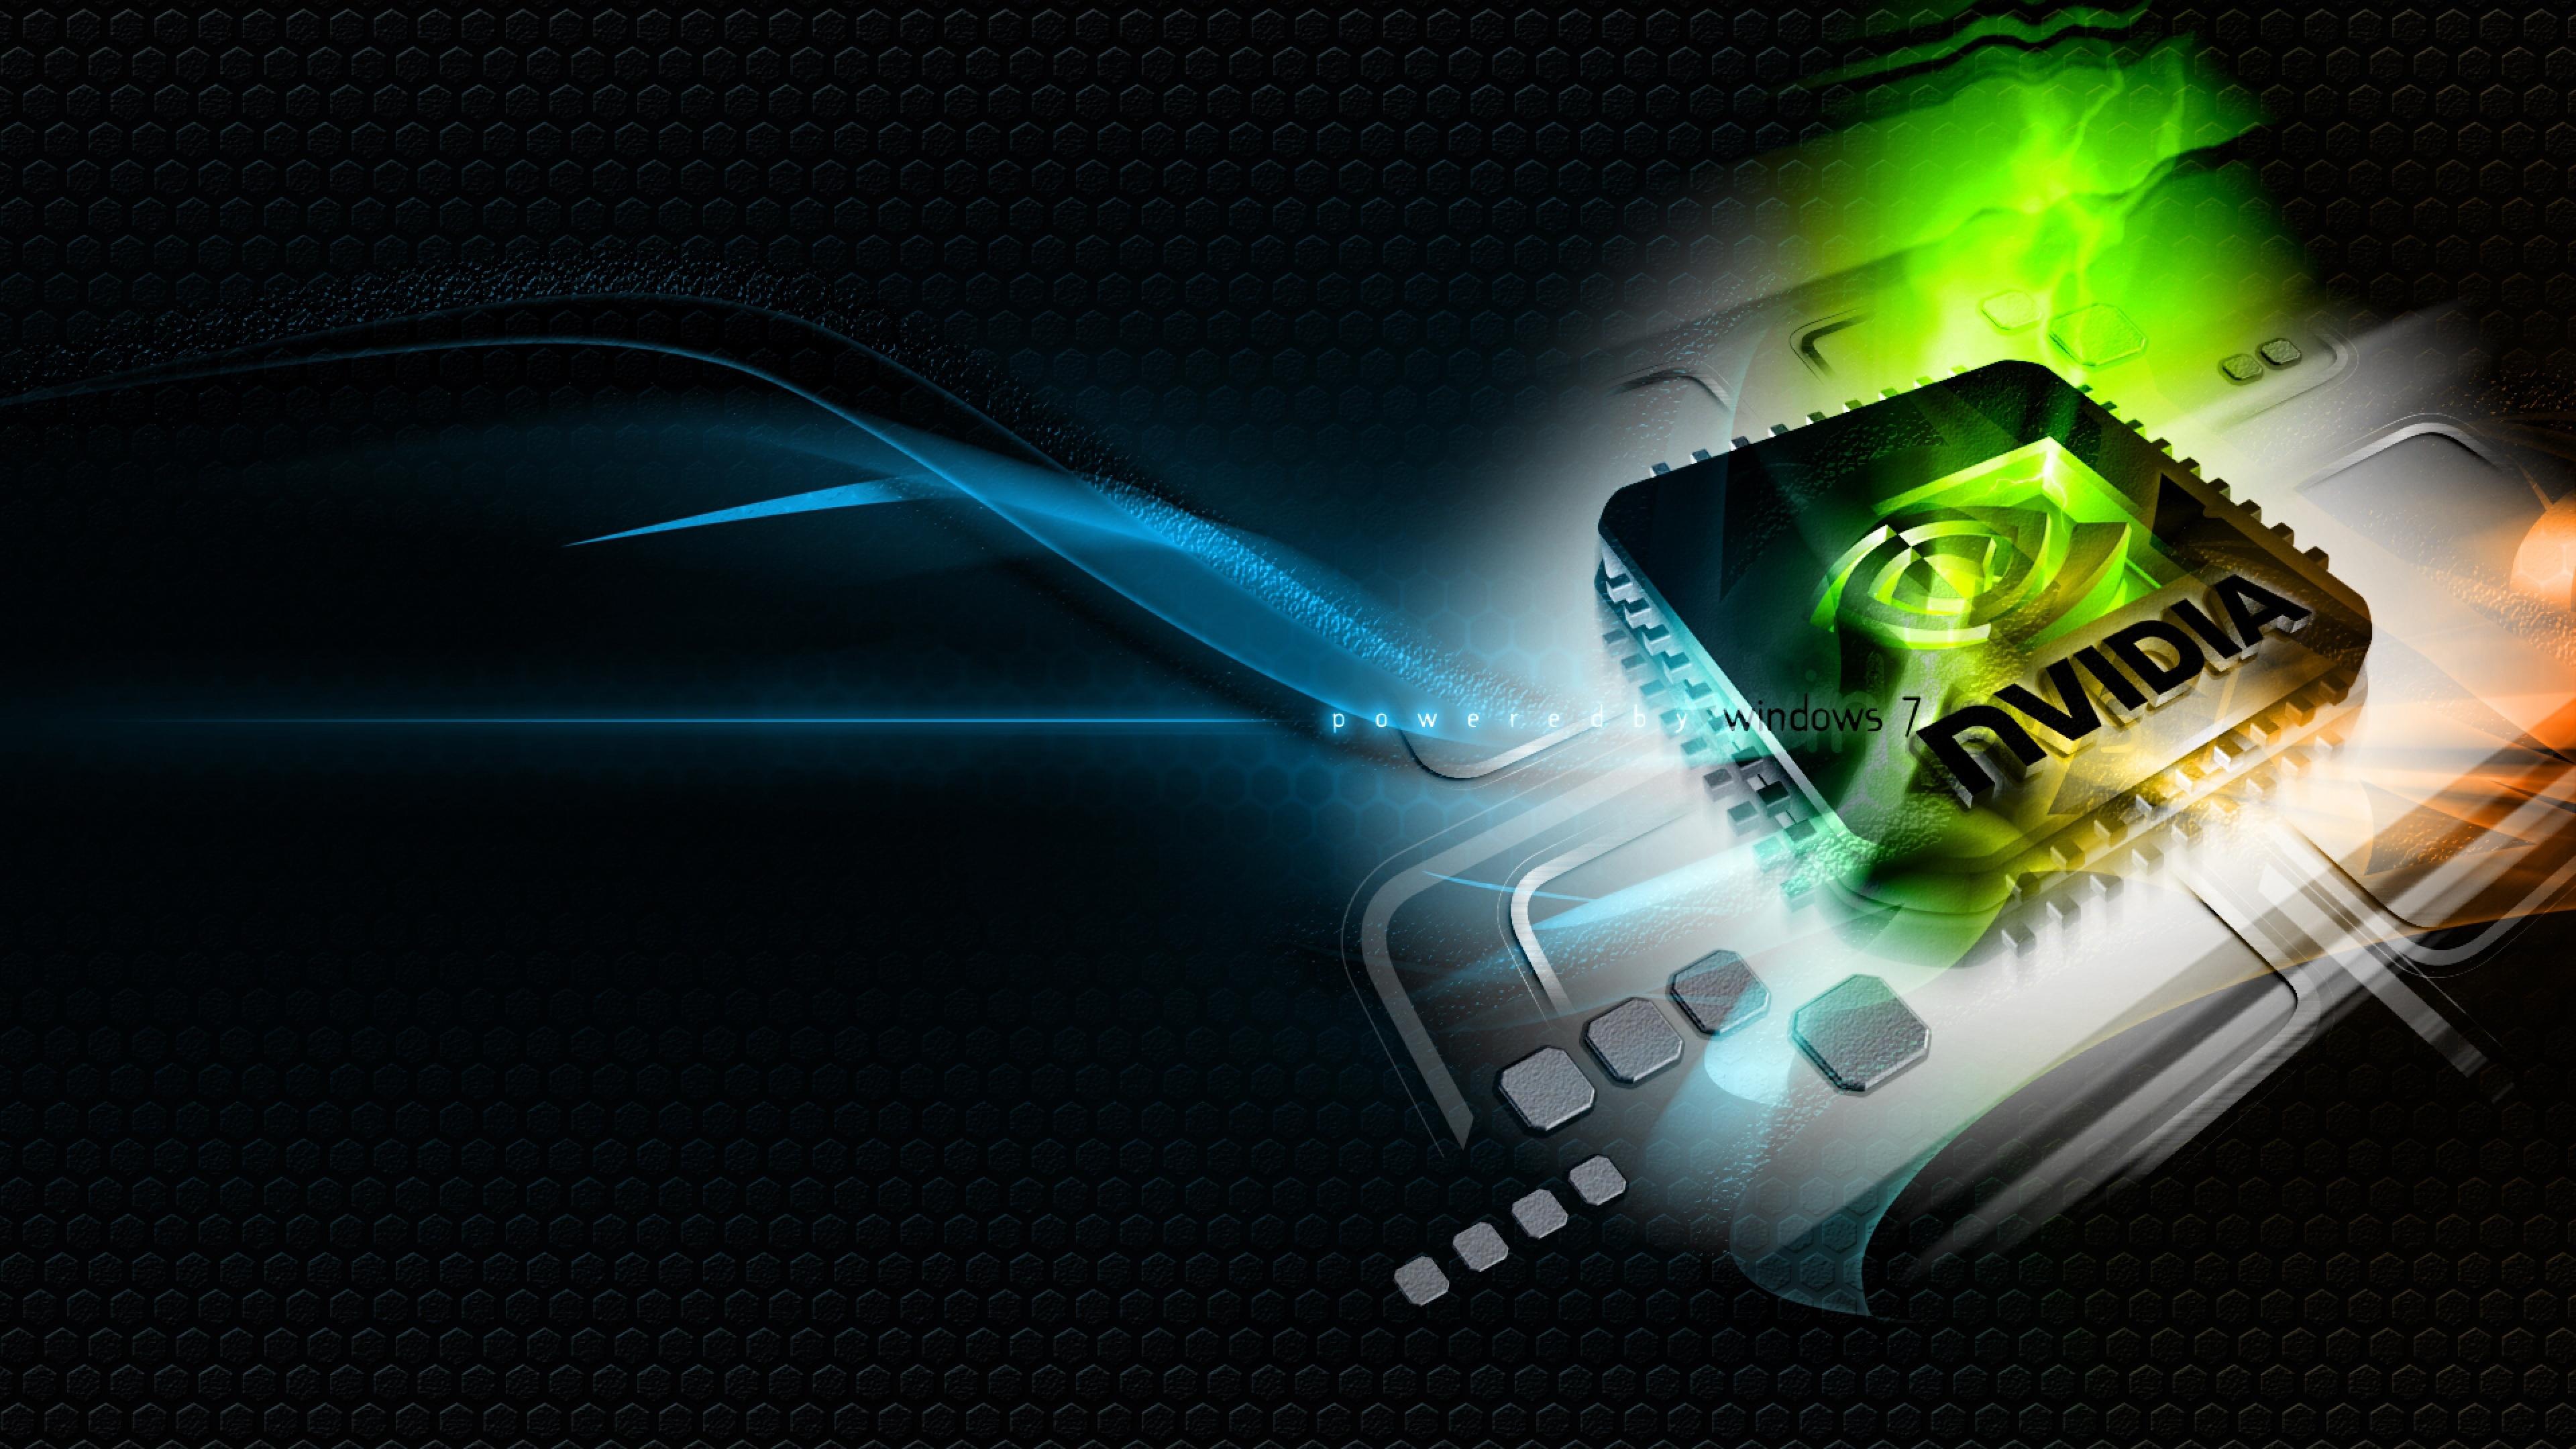 Fondos de pantalla Fondos de escritorio 3840x2160 ID550391 3840x2160